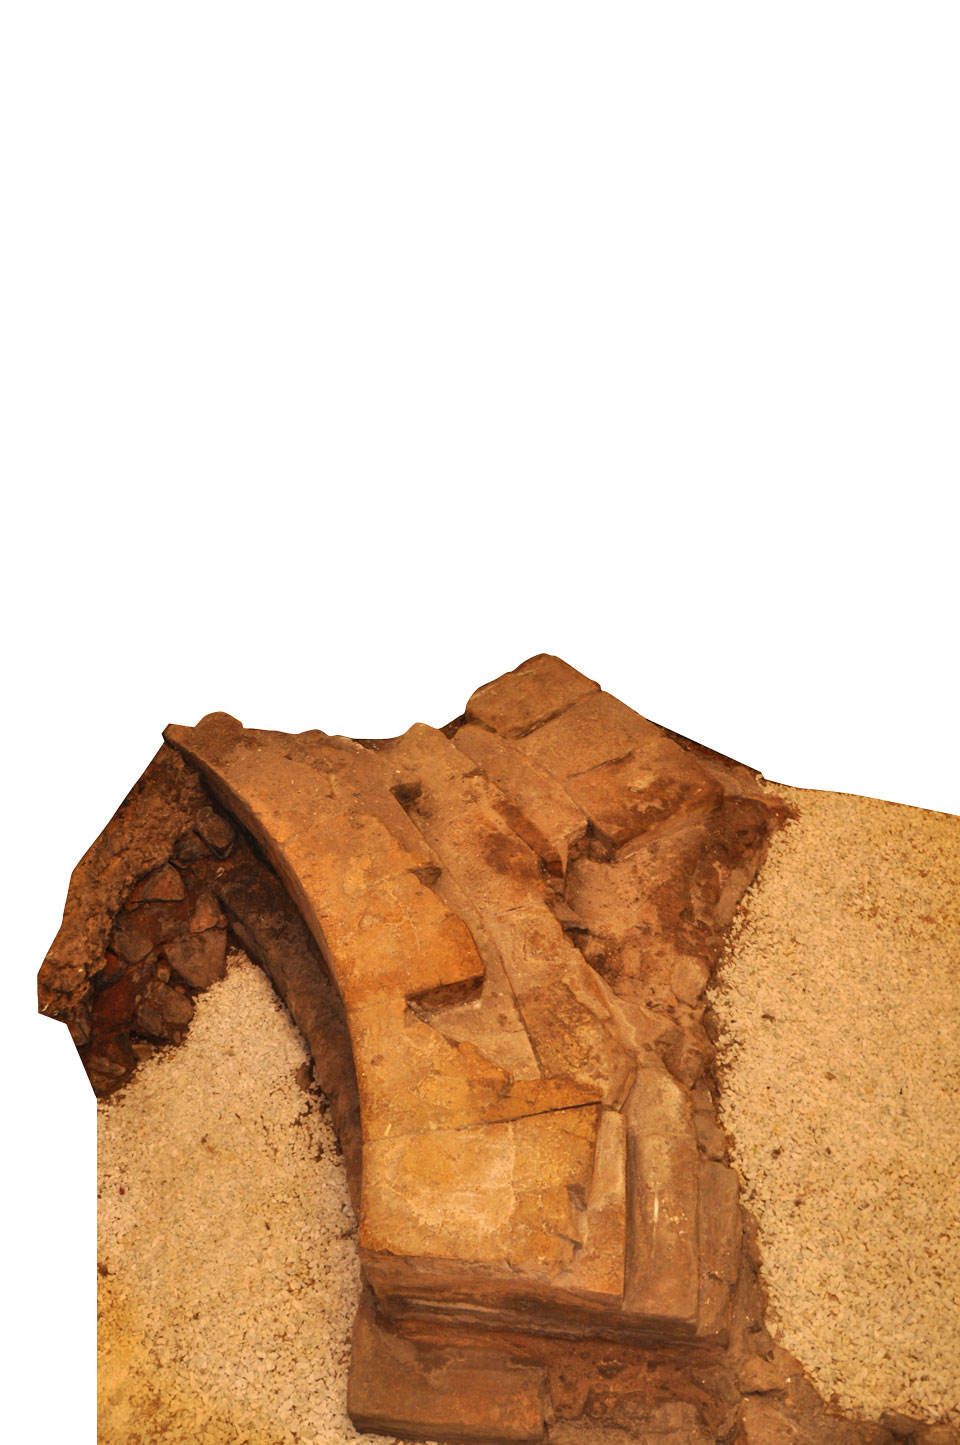 Particolare della nicchia del frigidarium (Archivio Museo Naturalistico Archeologico di Vicenza)